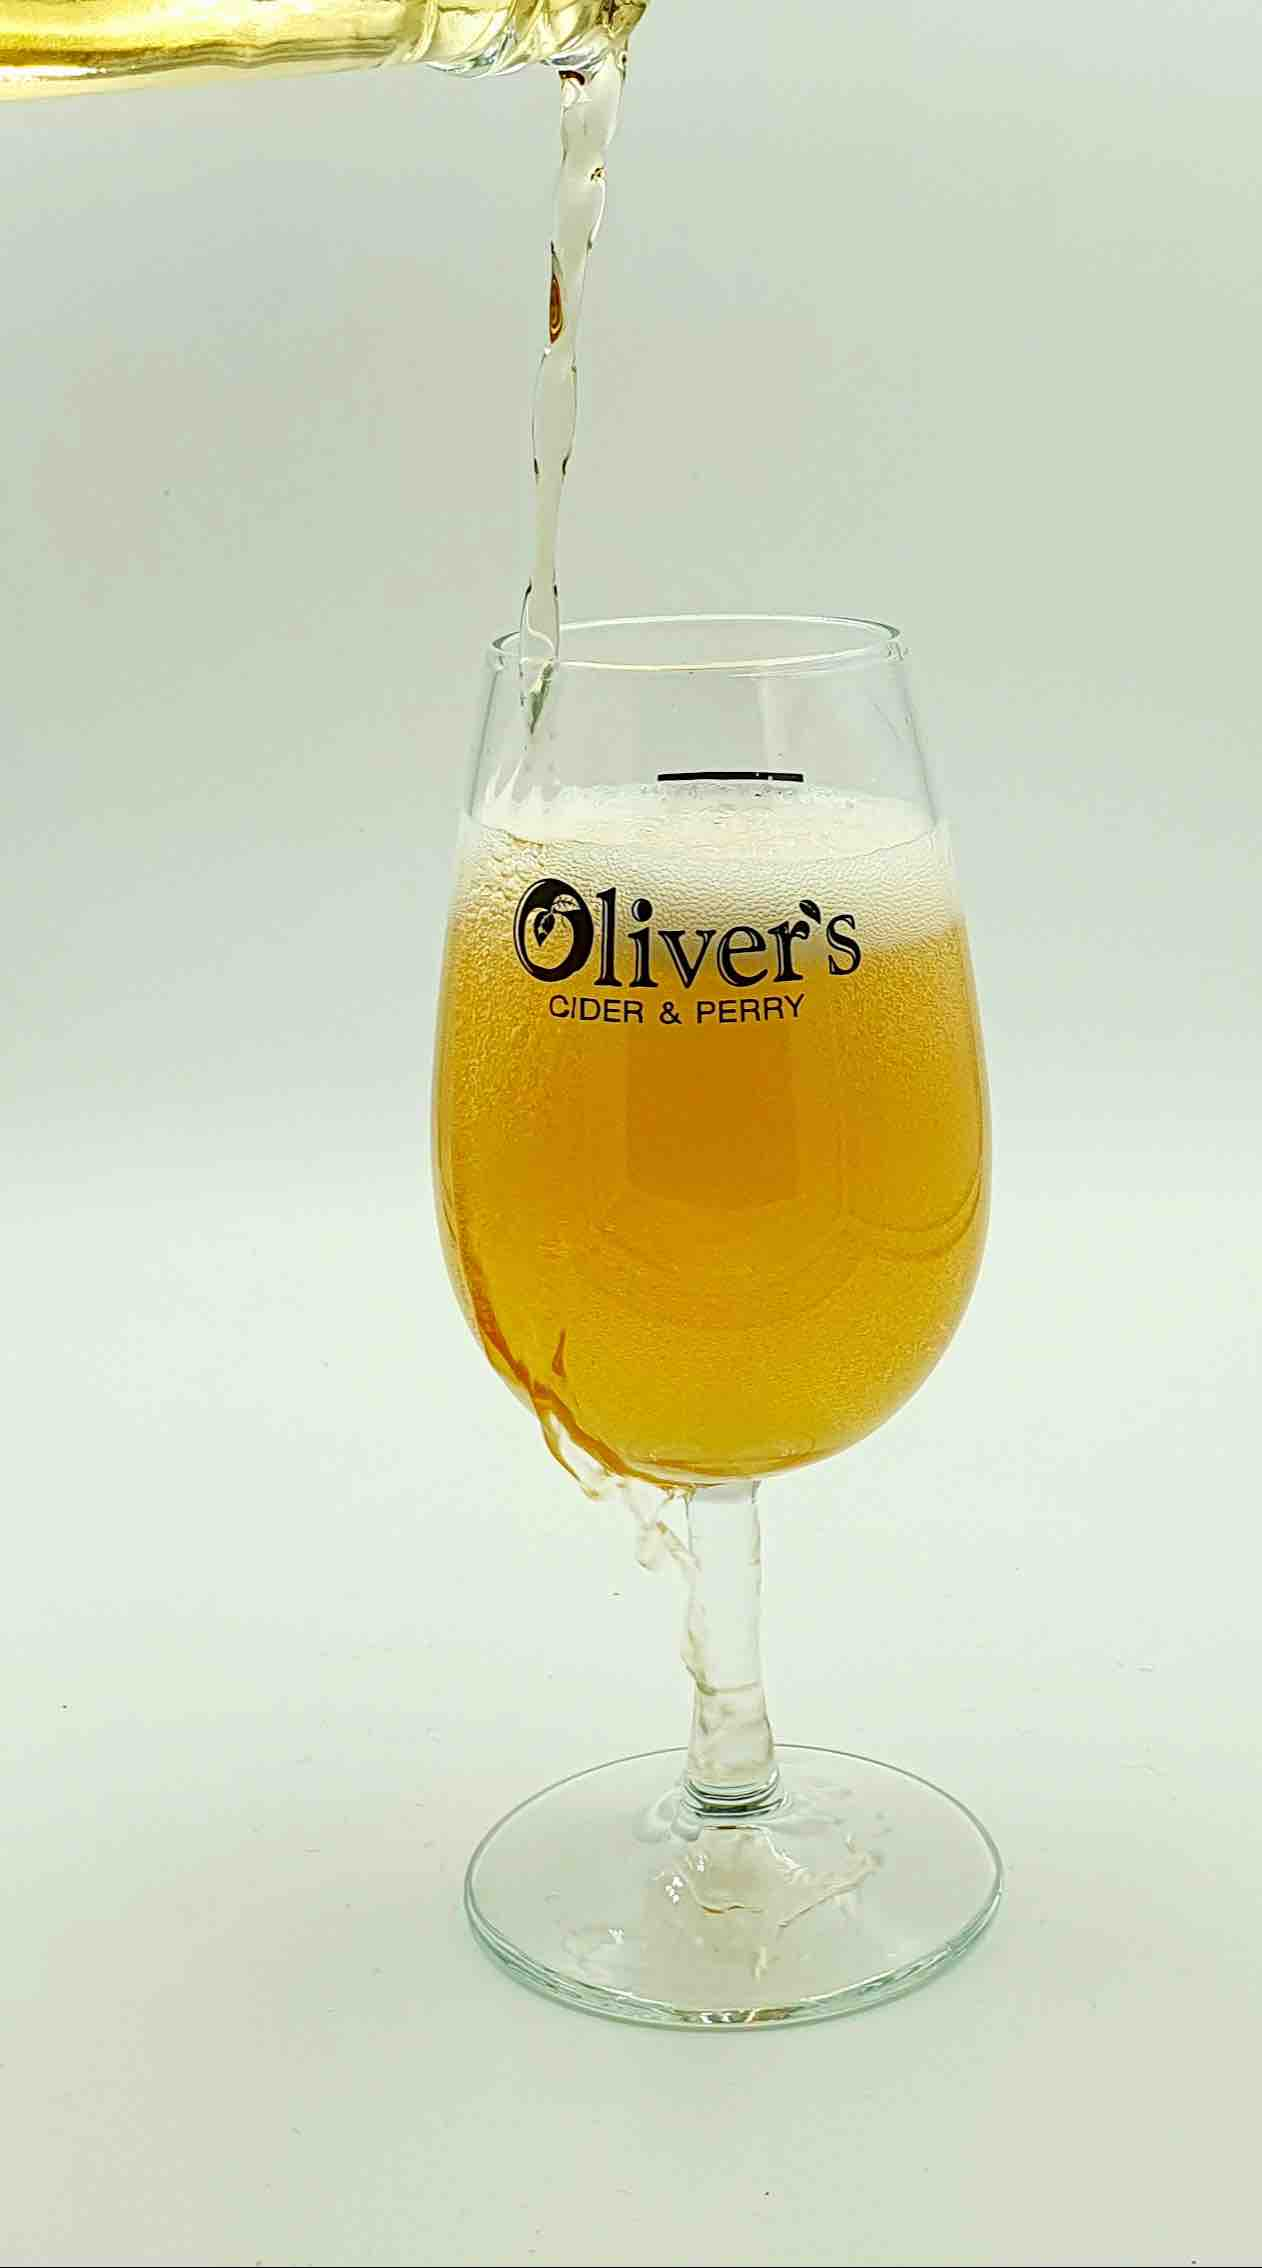 Glass of Oliver's Cider